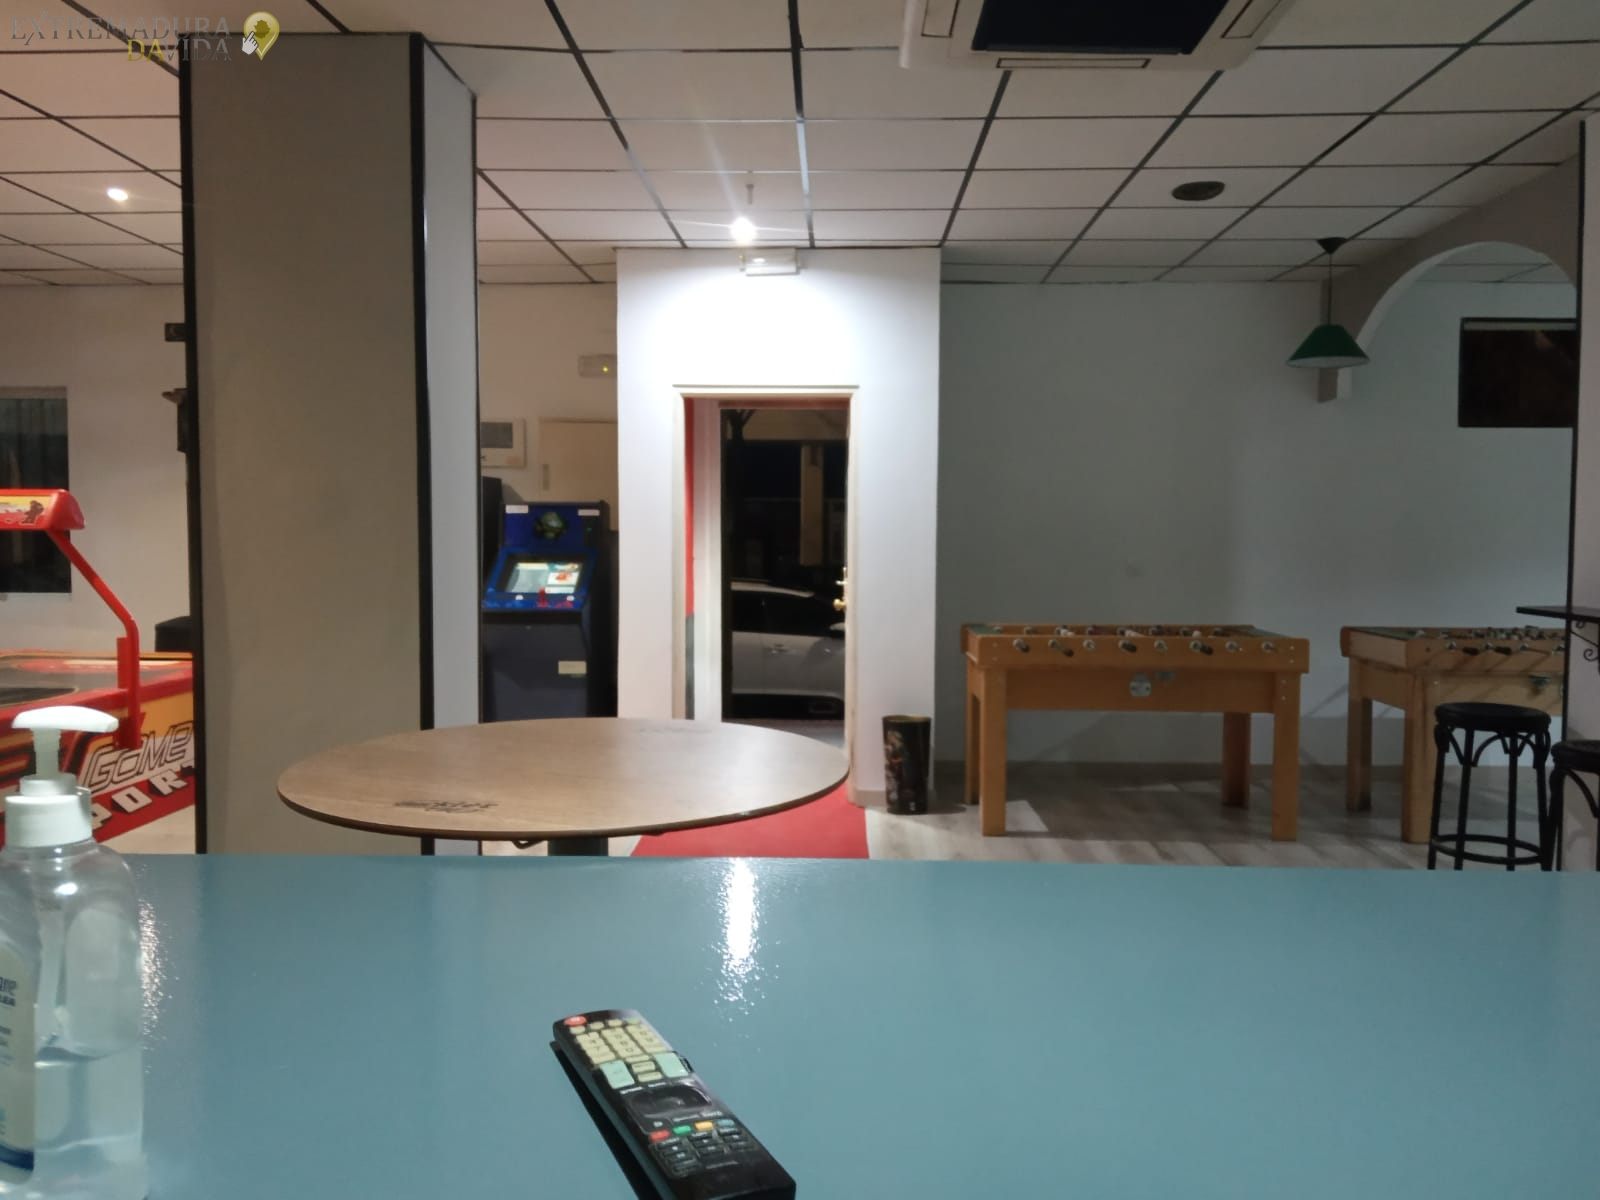 Billares pub en Cáceres Zona Abierto